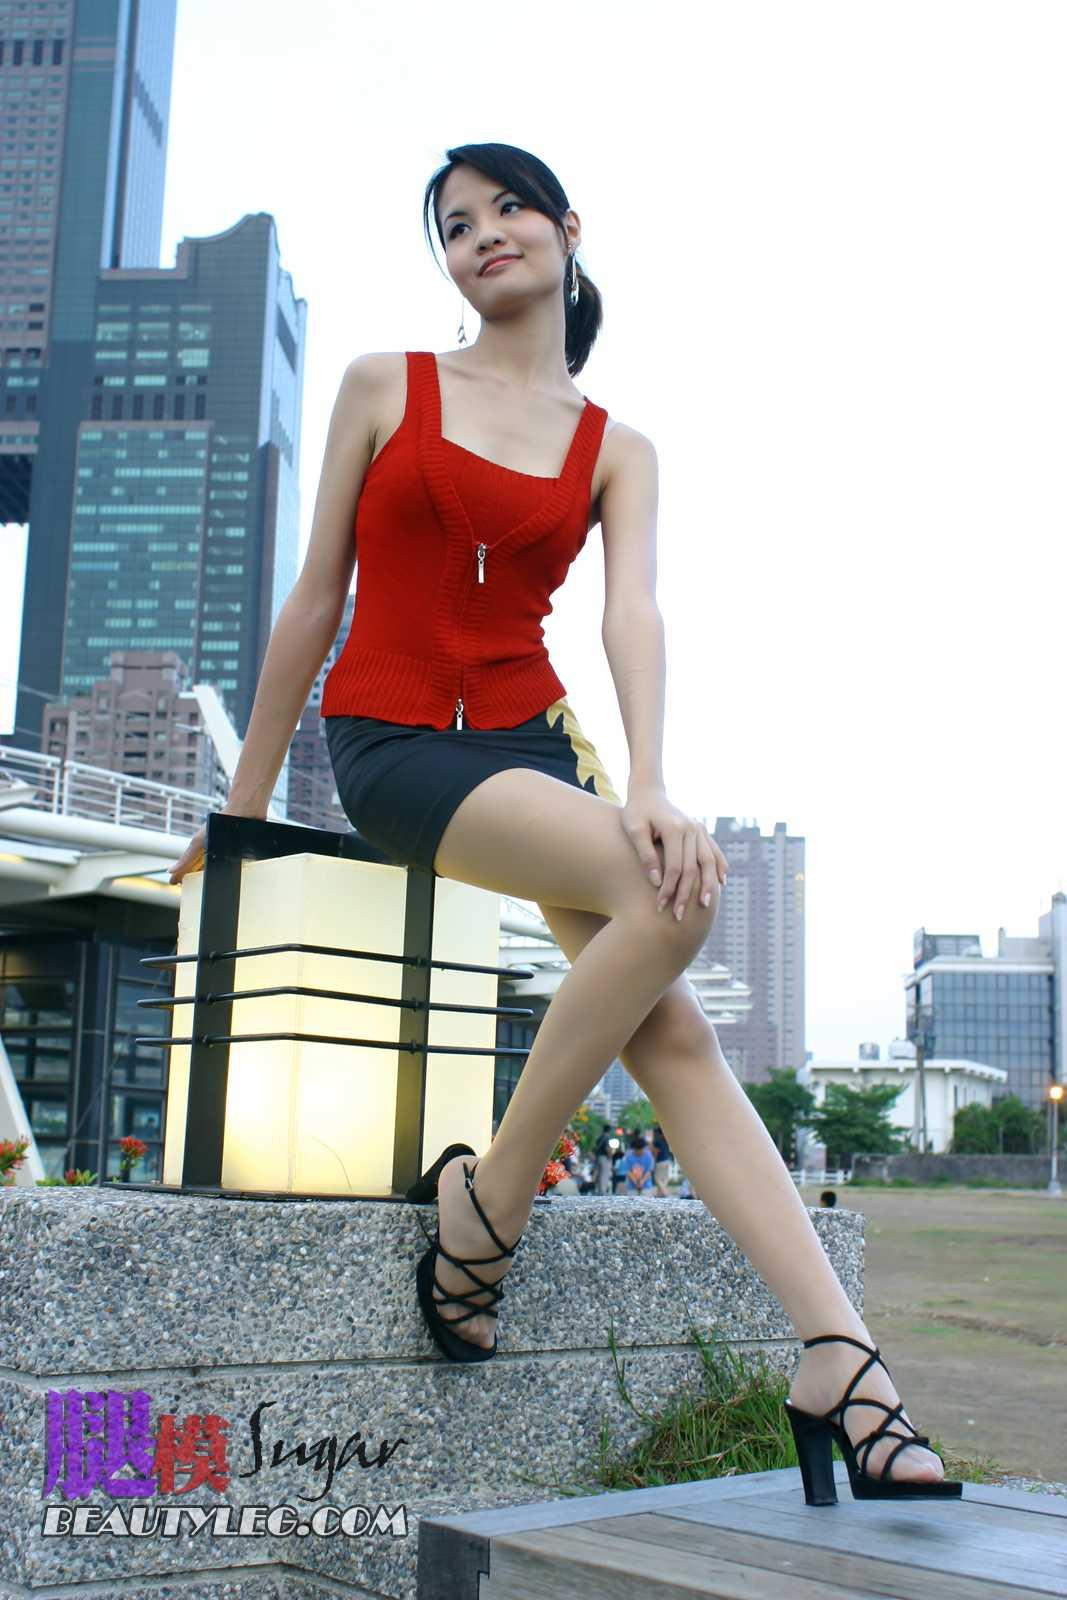 [Beautyleg]2005.05.19 No.015 Sugar 第一期 台灣高雄[121P/87.8M]